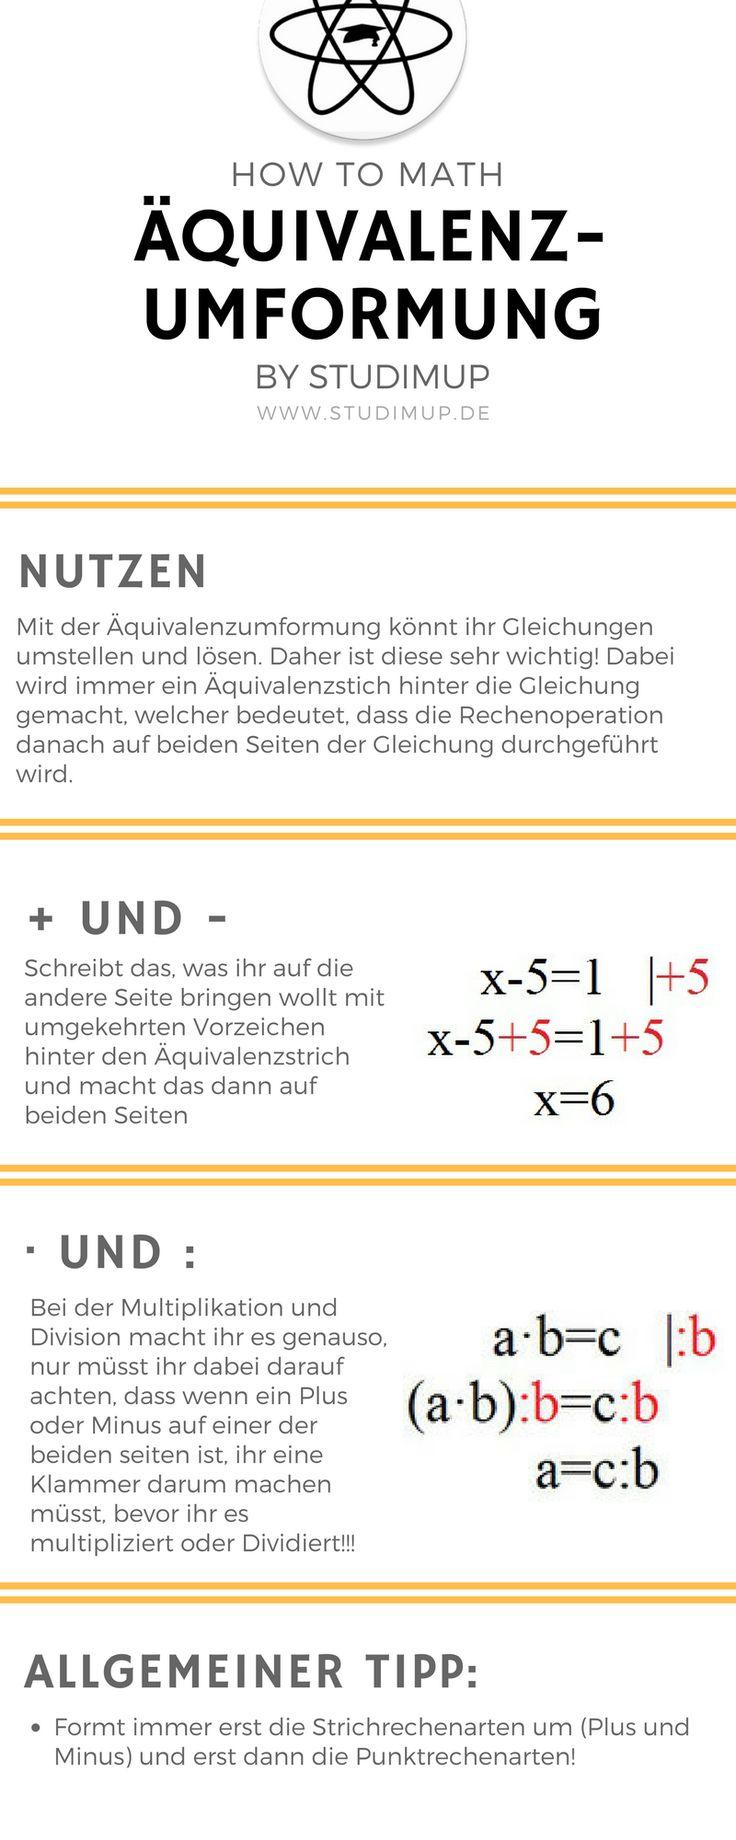 Die Äquivalenzumformung leicht erklärt und veranschaulicht. Mathe lernen ist nicht so schwer. Mit Beispiel. How to Math. Mathematik lernen im Gymnasium und der Realschule.